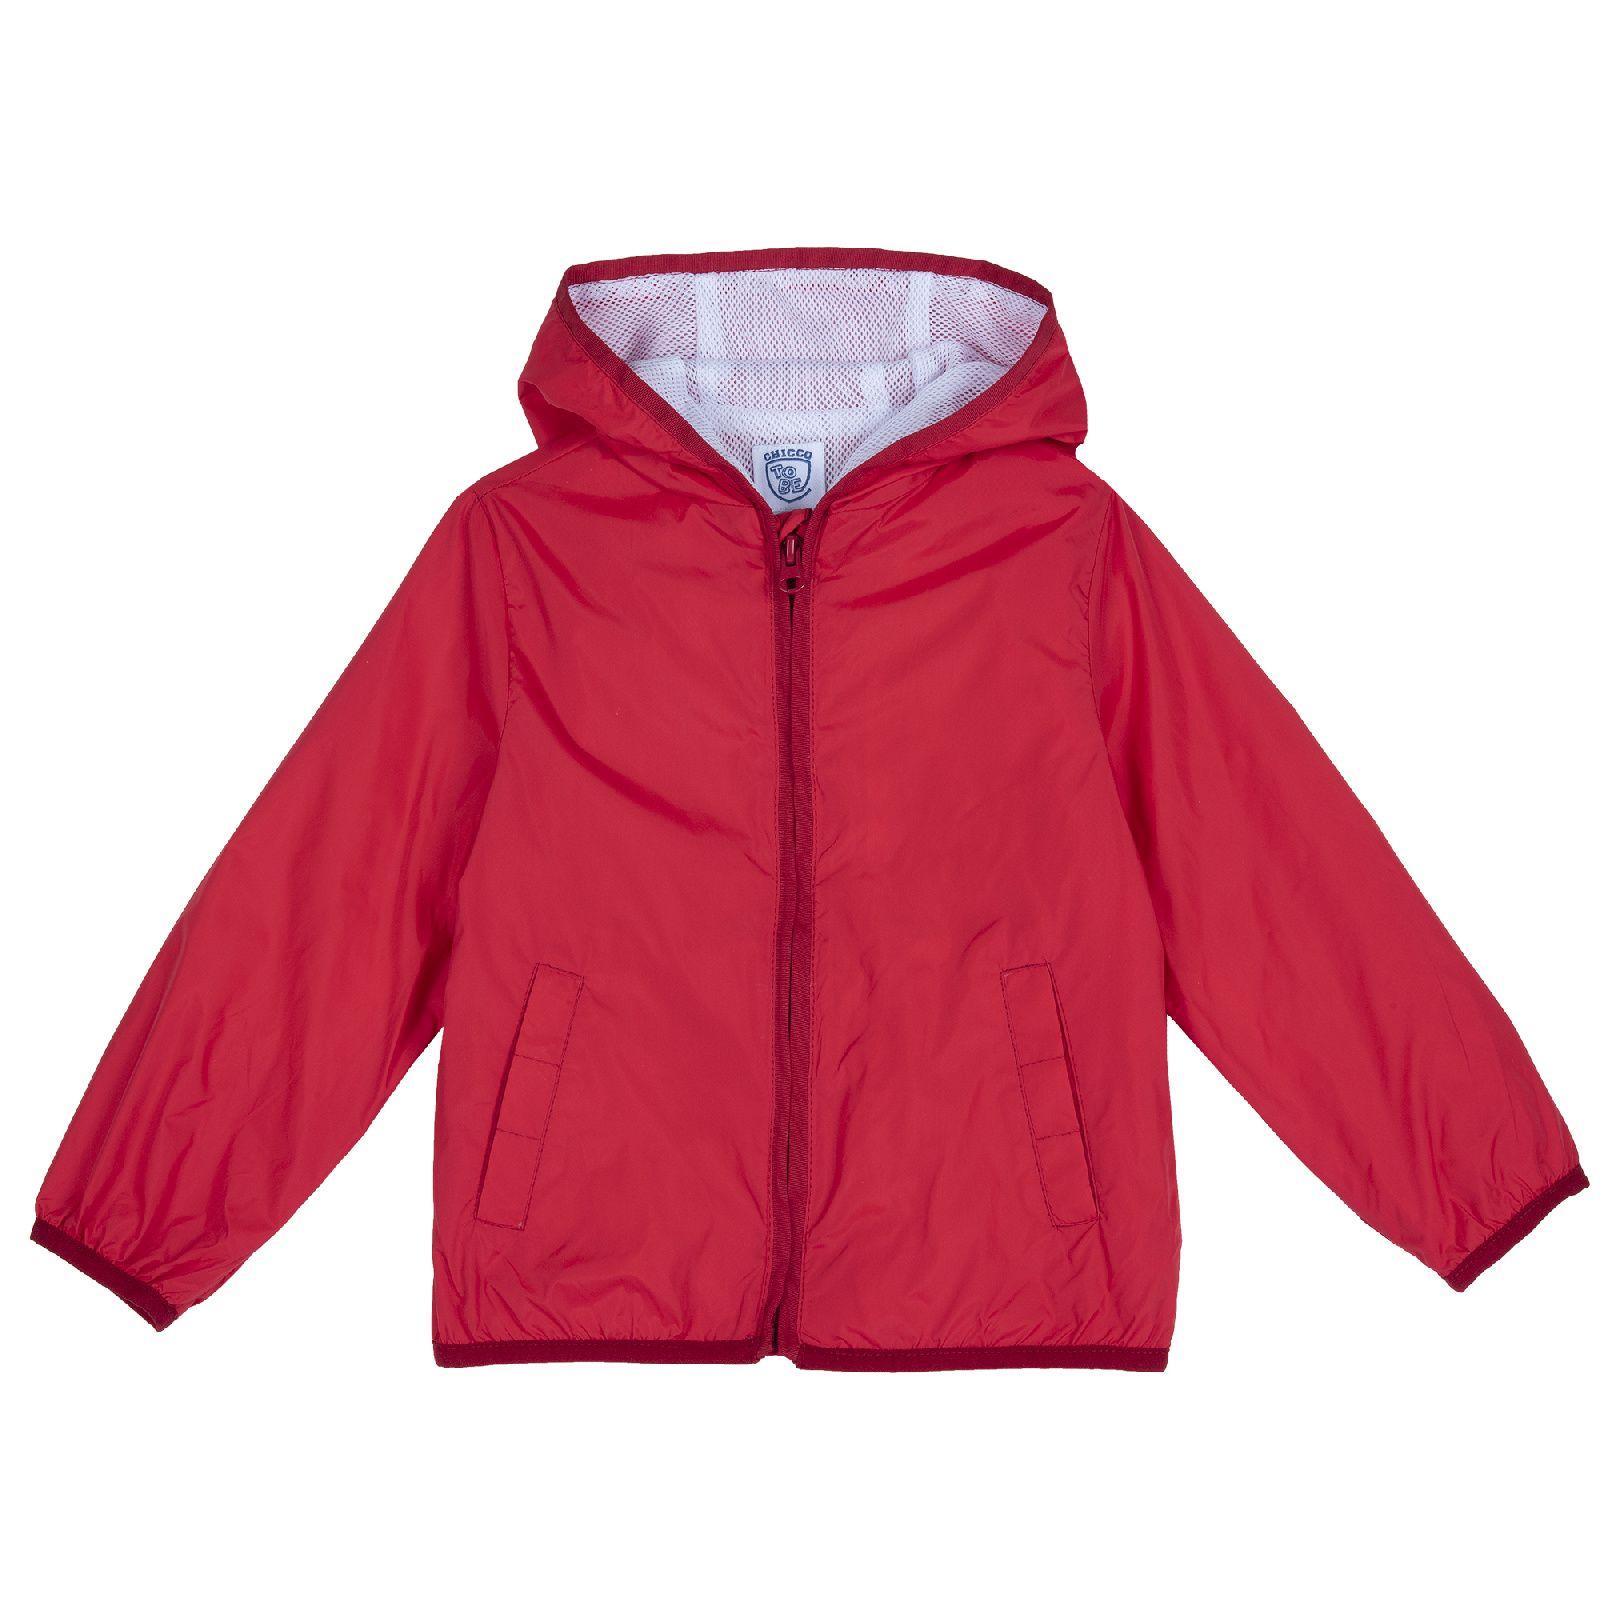 Купить 9087451, Куртка для мальчиков Chicco цвет красный, размер 92,